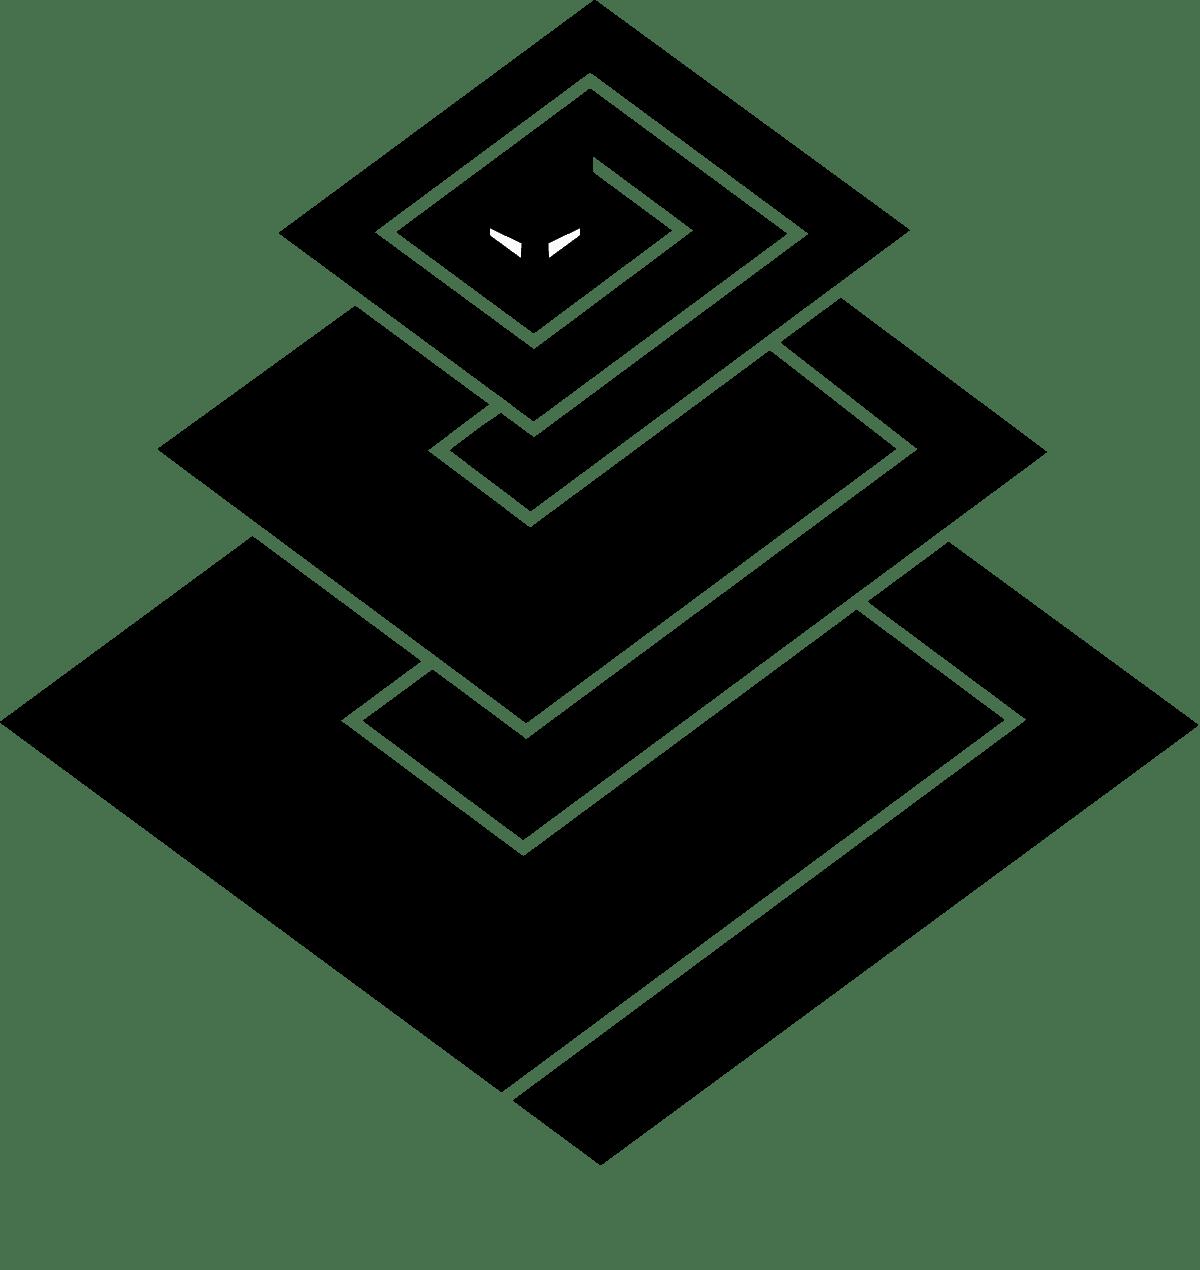 5 Лучших фреймворков для разработки на Python, которые стоит выучить в 2017 году 5